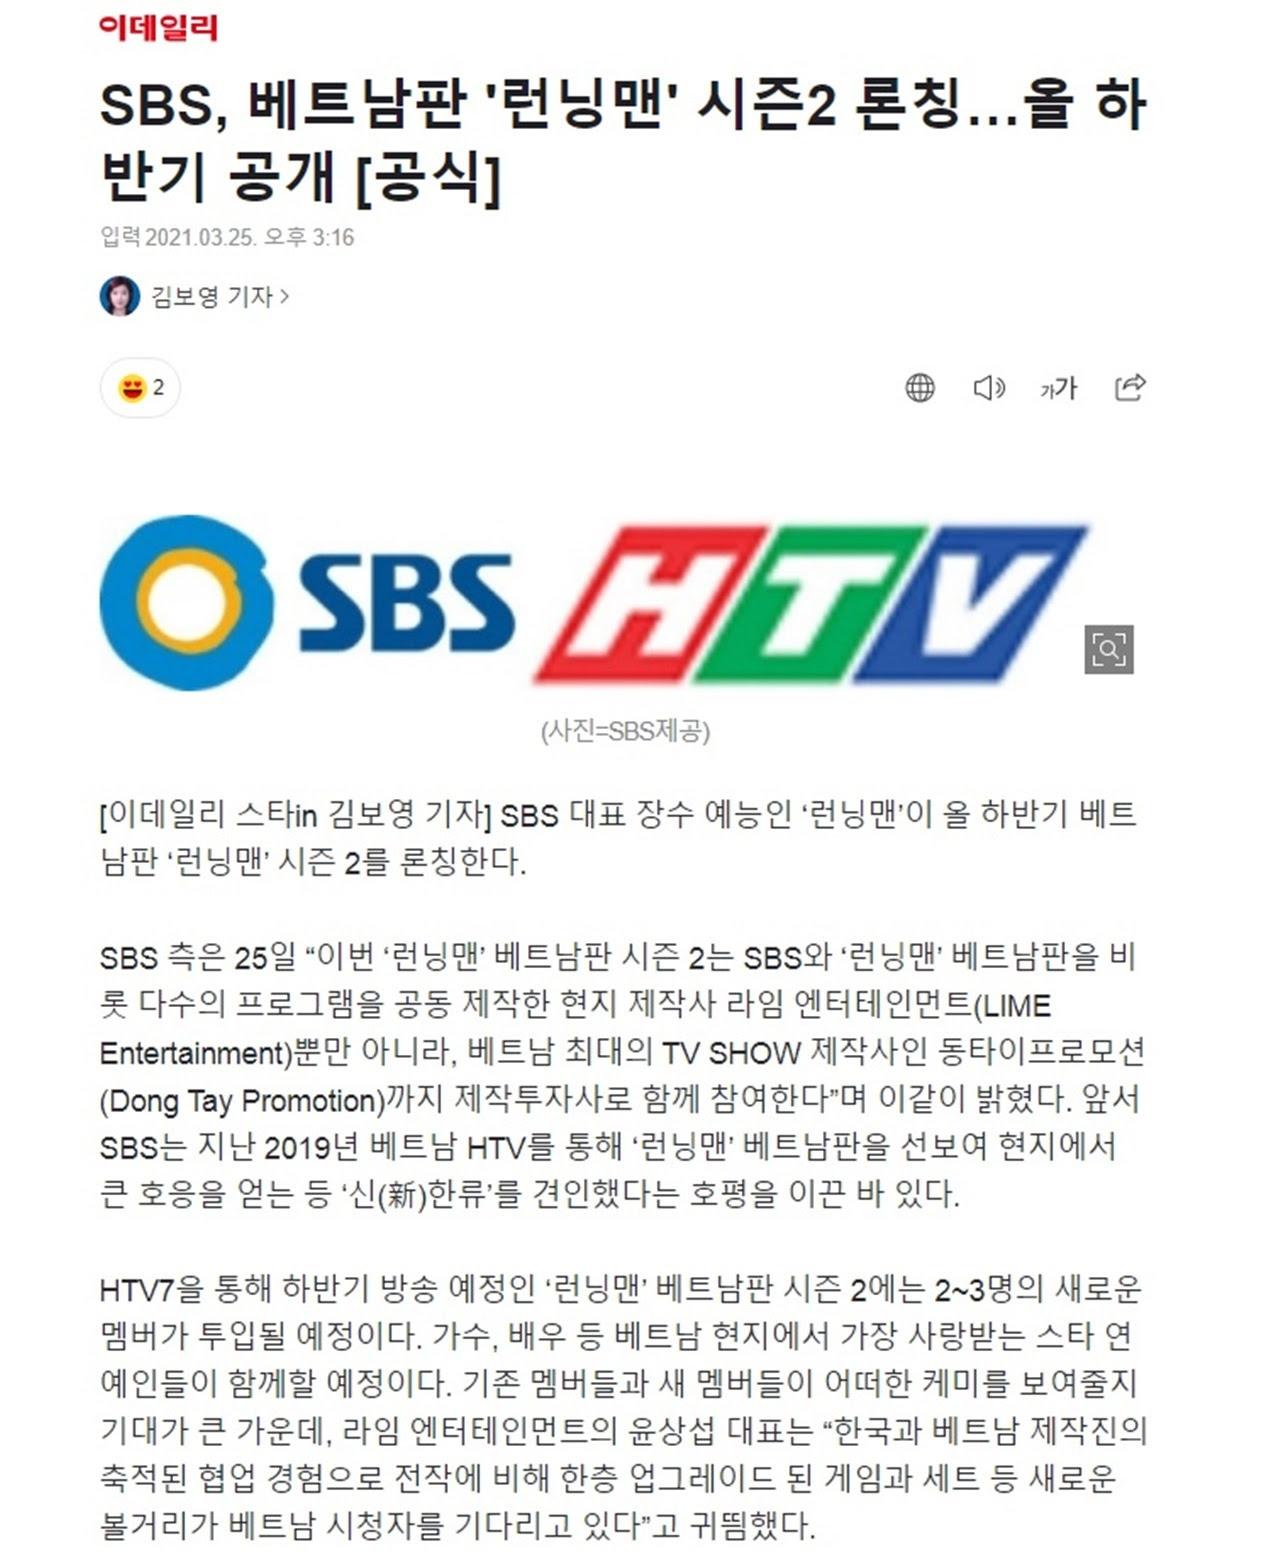 Naver-dang-tin-ve-RM-VN-mua-2